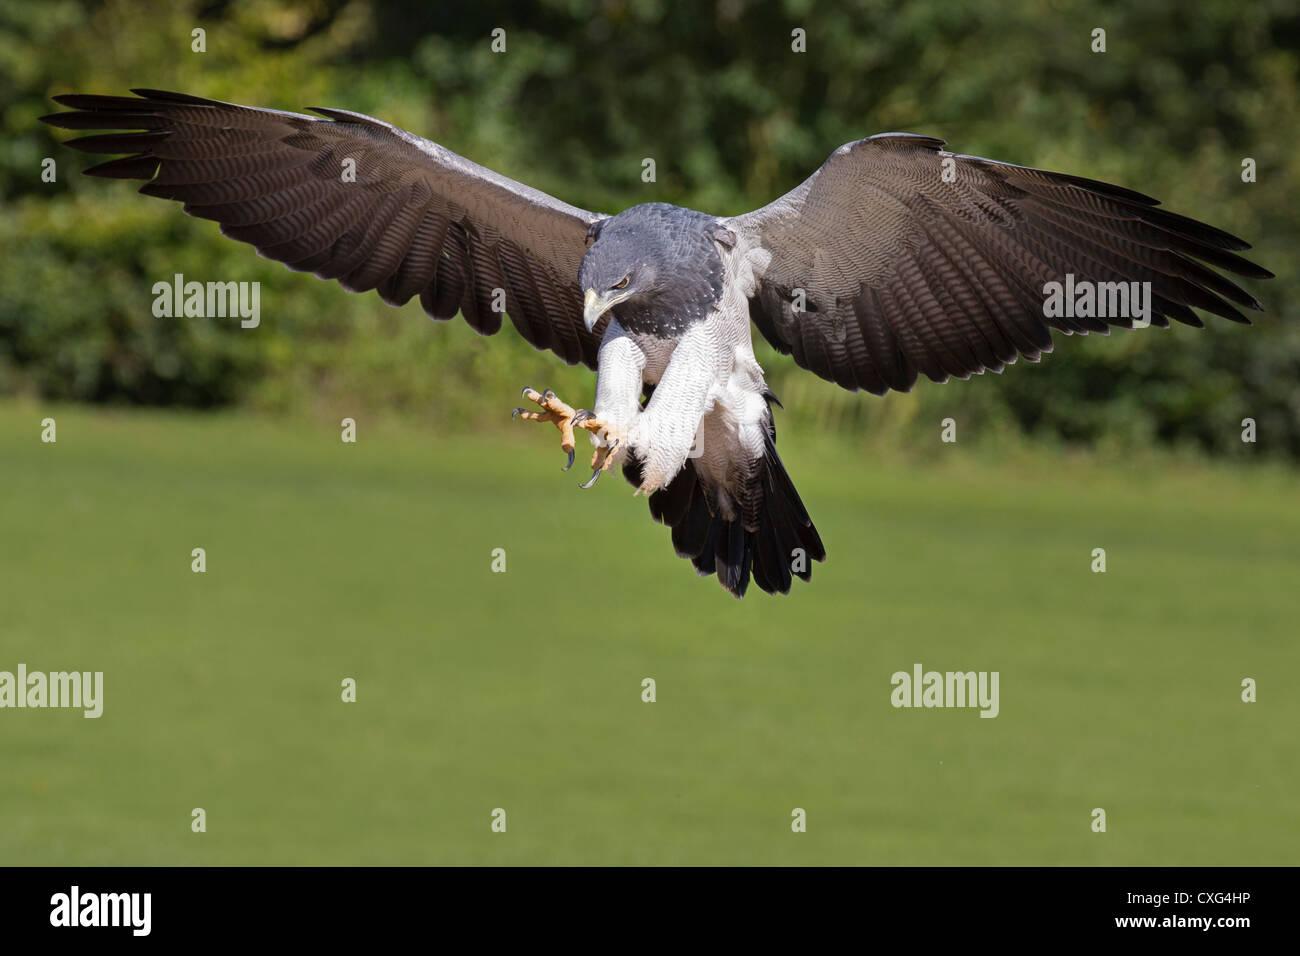 Grey Buzzard Eagle (Chilean Blue Eagle, Black-chested Buzzard Eagle) in flight - Stock Image